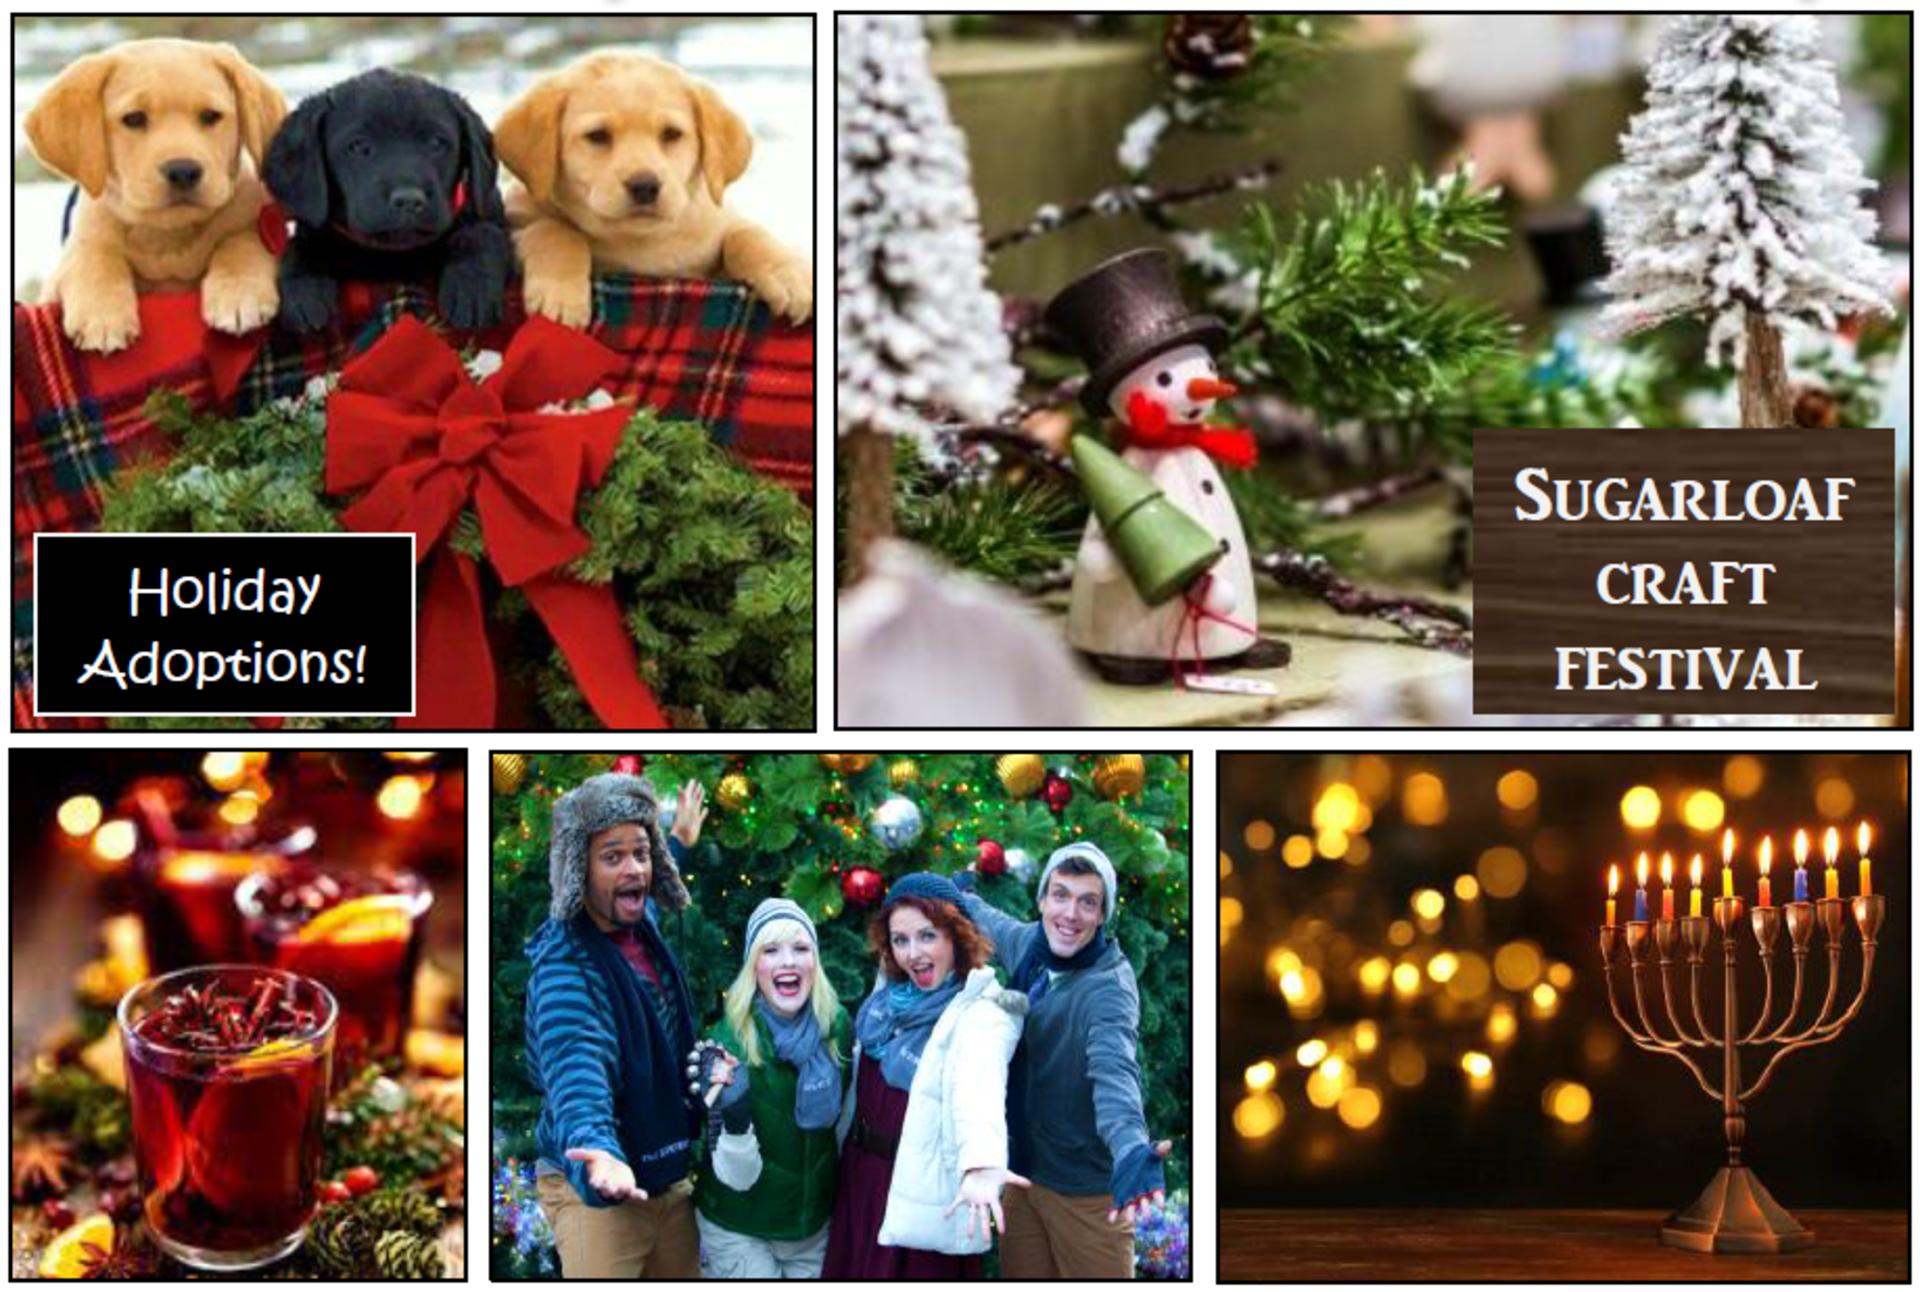 Schulien and Associates' Weekend Guide: (Dec 7-9)